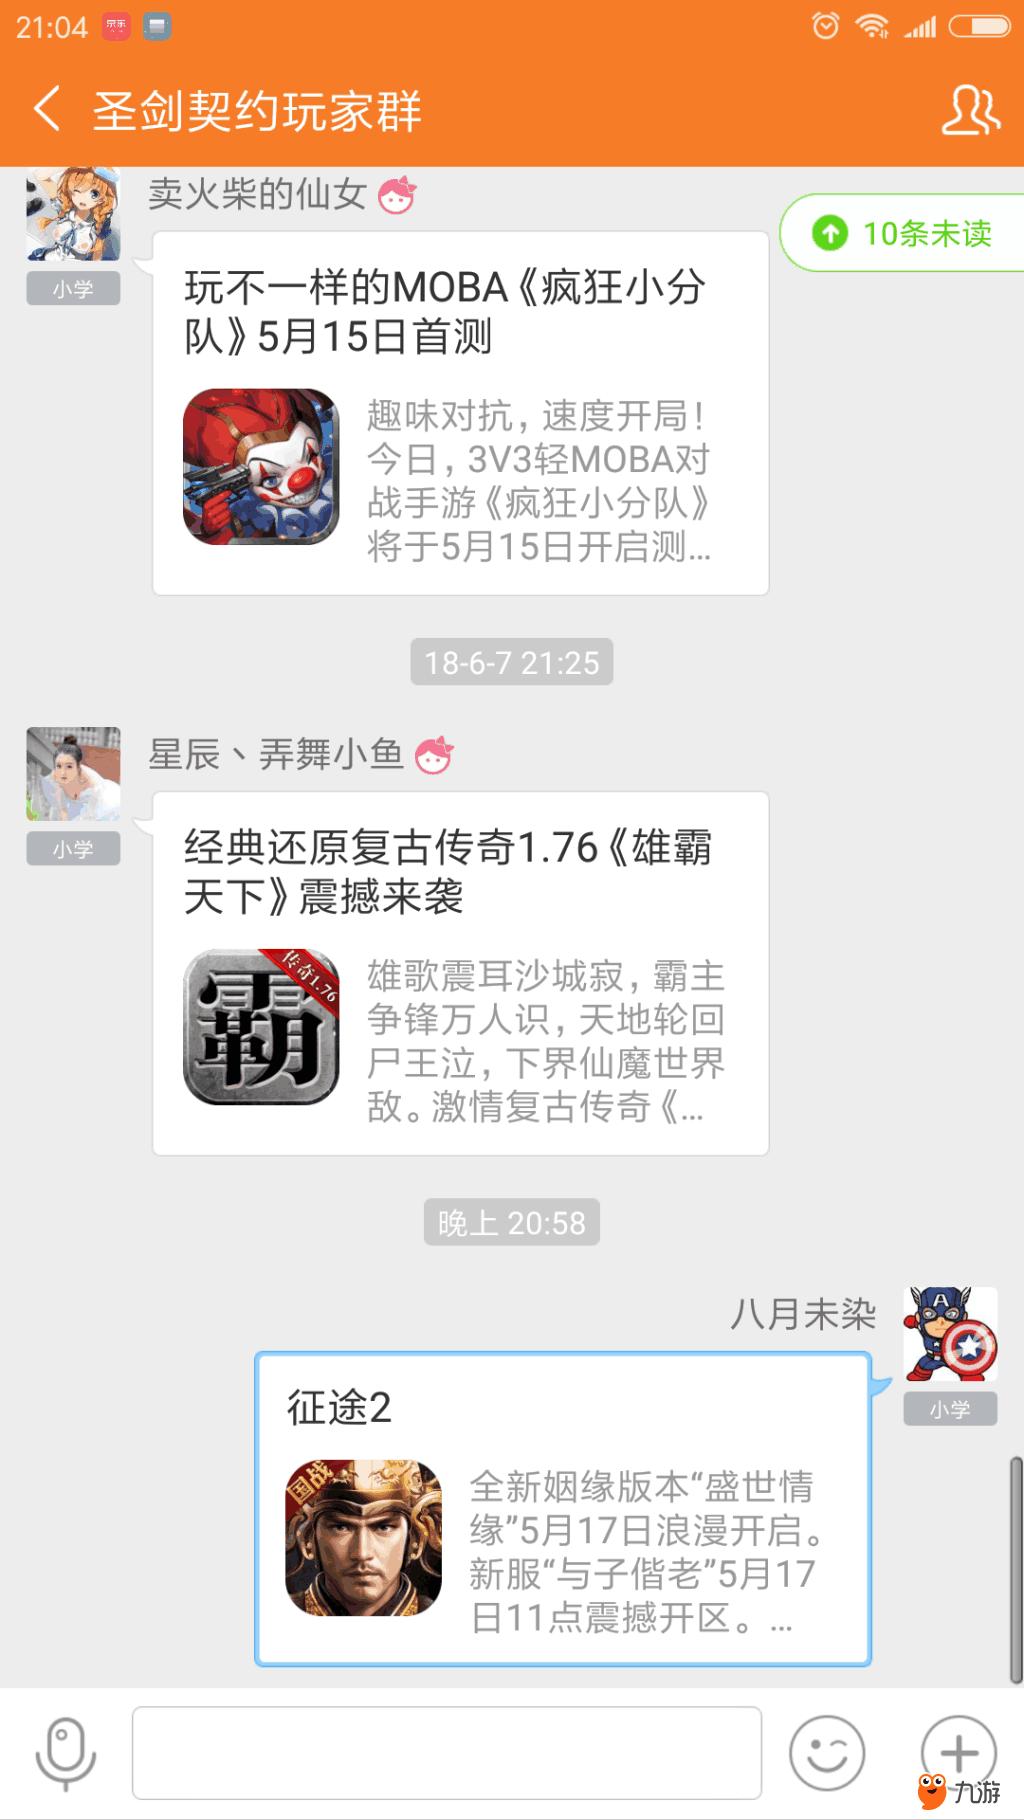 Screenshot_2018s06s14s21s04s05s616_cn.ninegame.ga.png